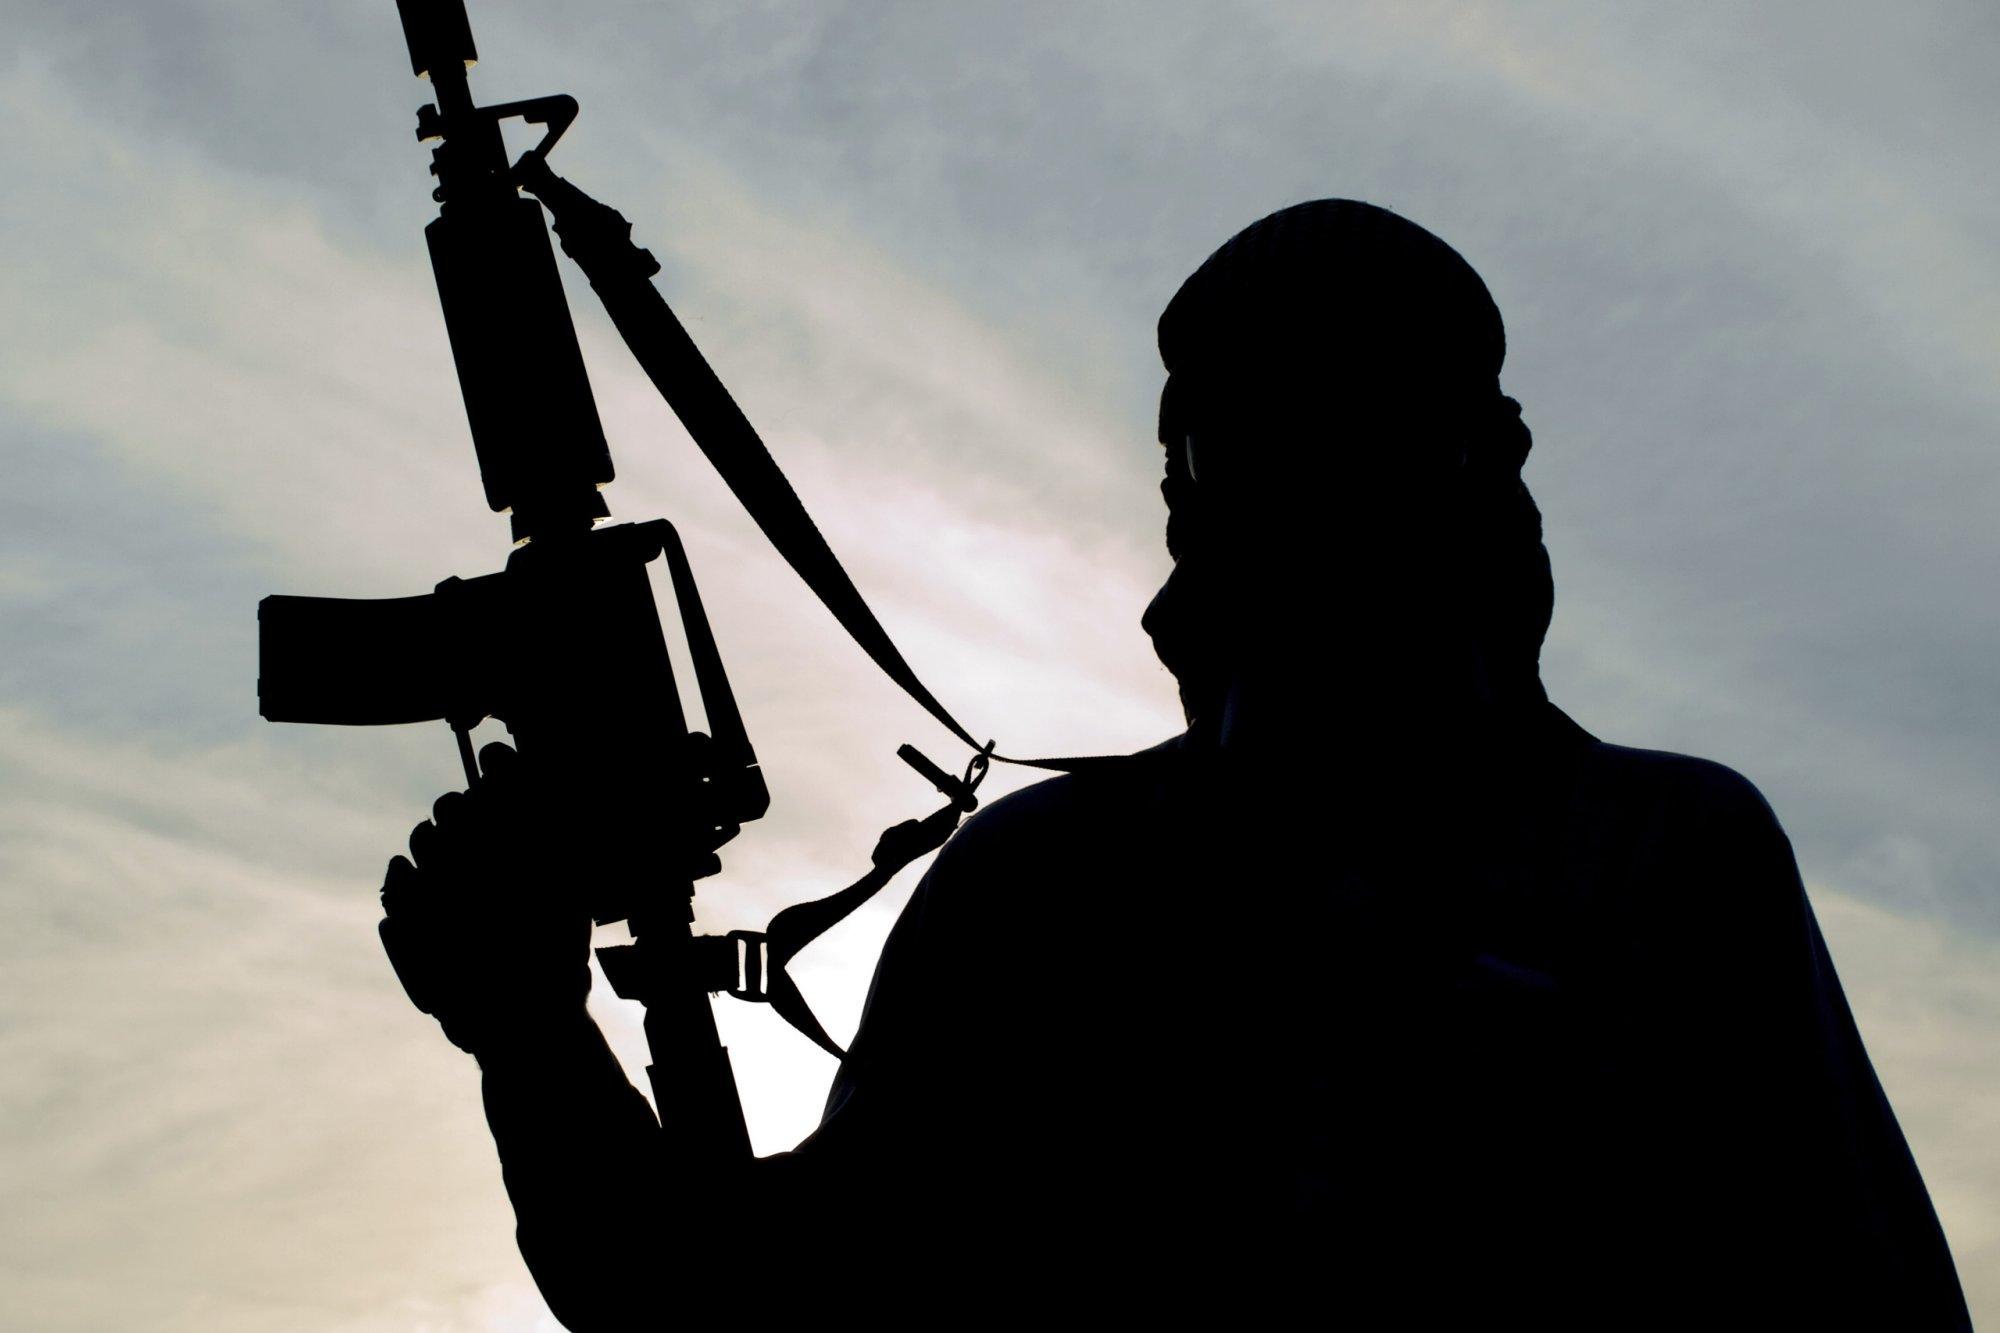 El ISIS define ahora que su Objetivo Central es CONQUISTAR ROMA